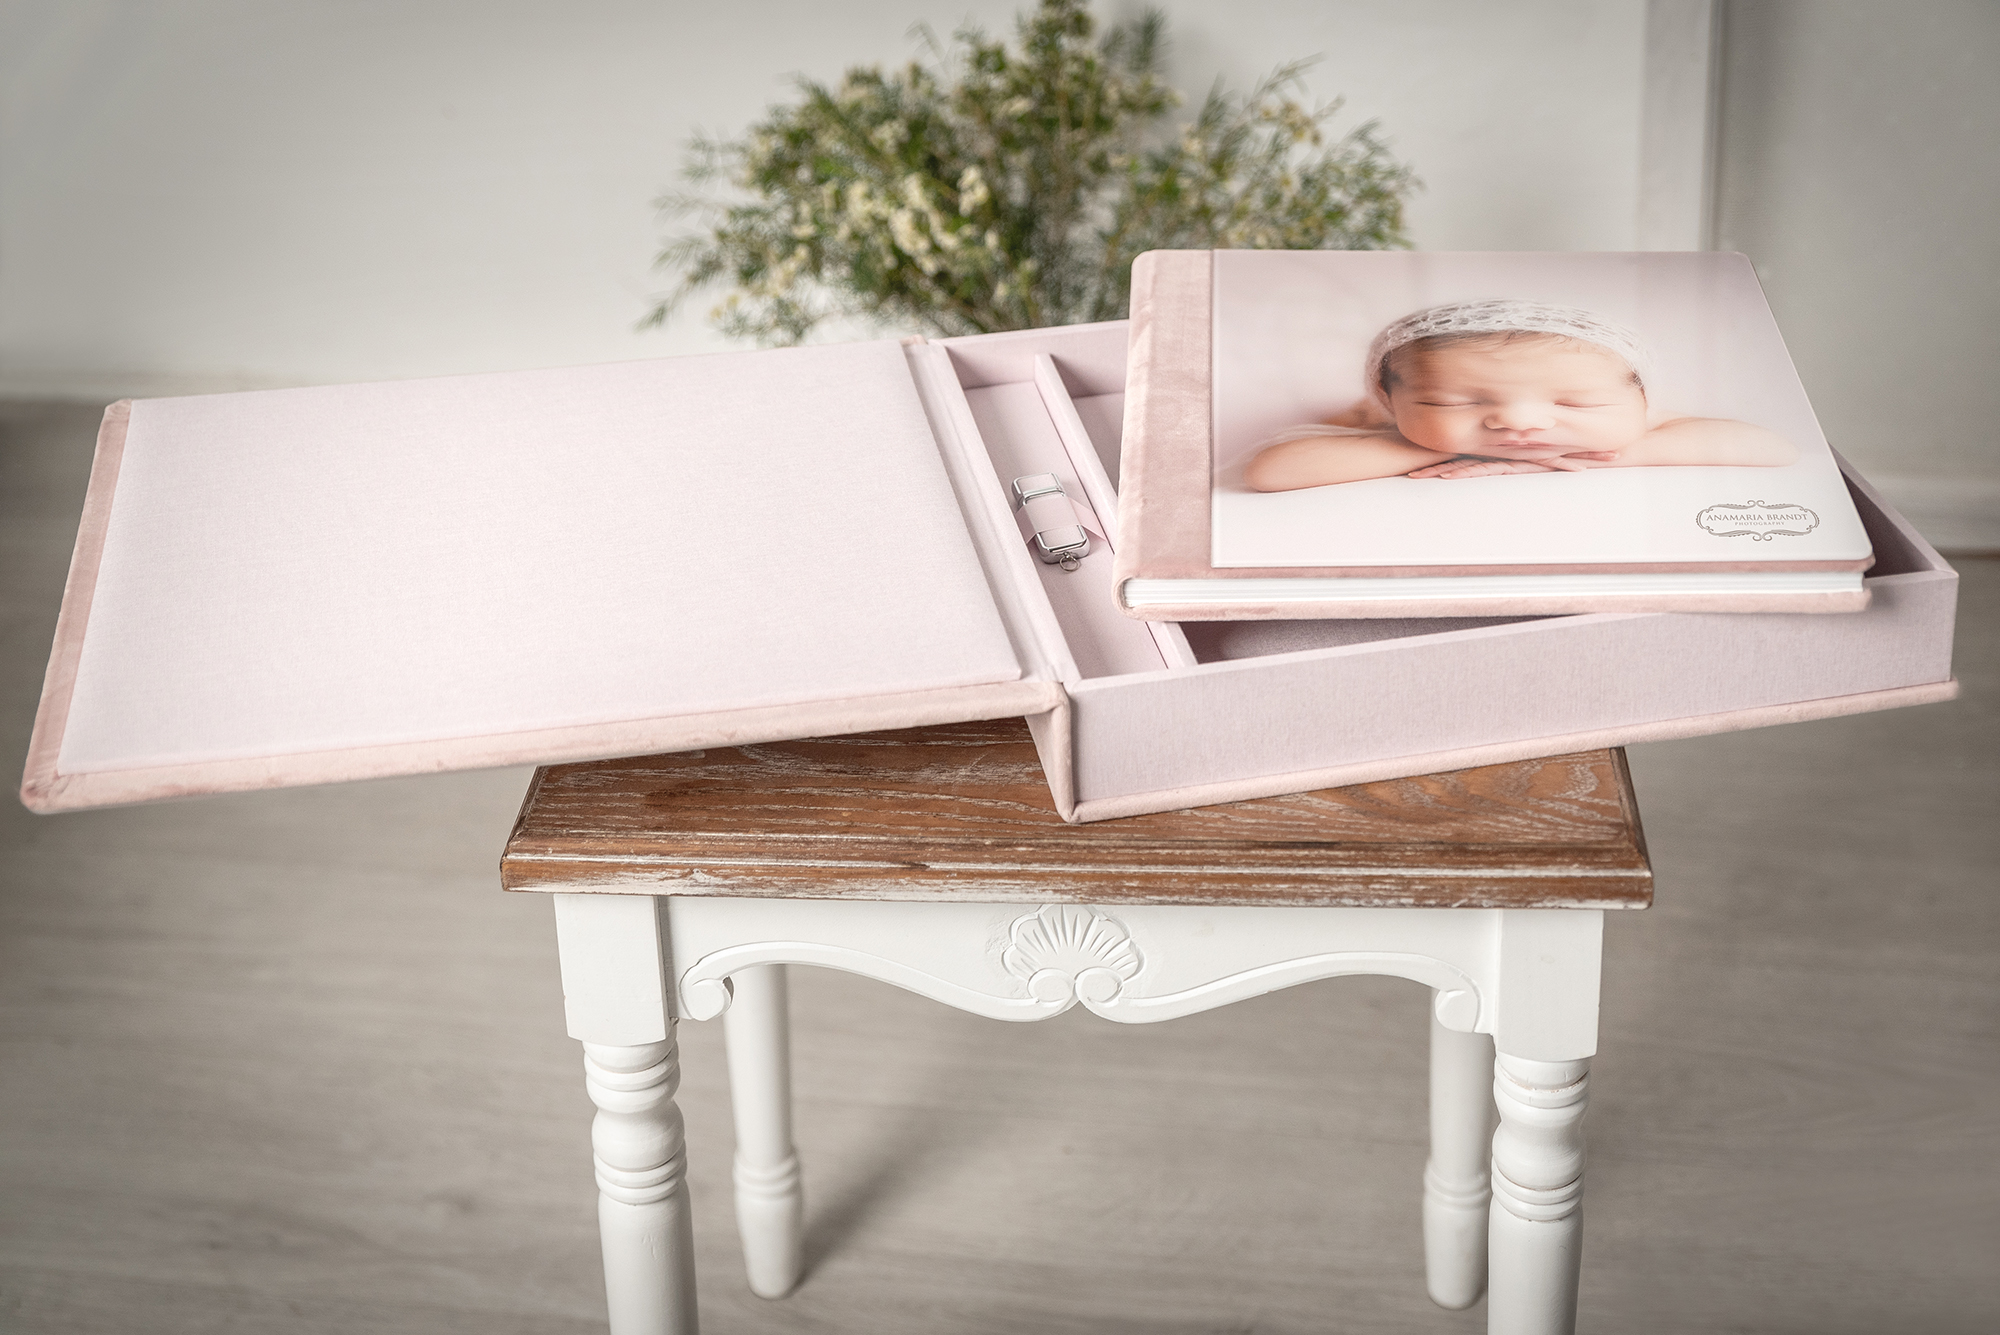 Large acrylic photo album for professional photographers